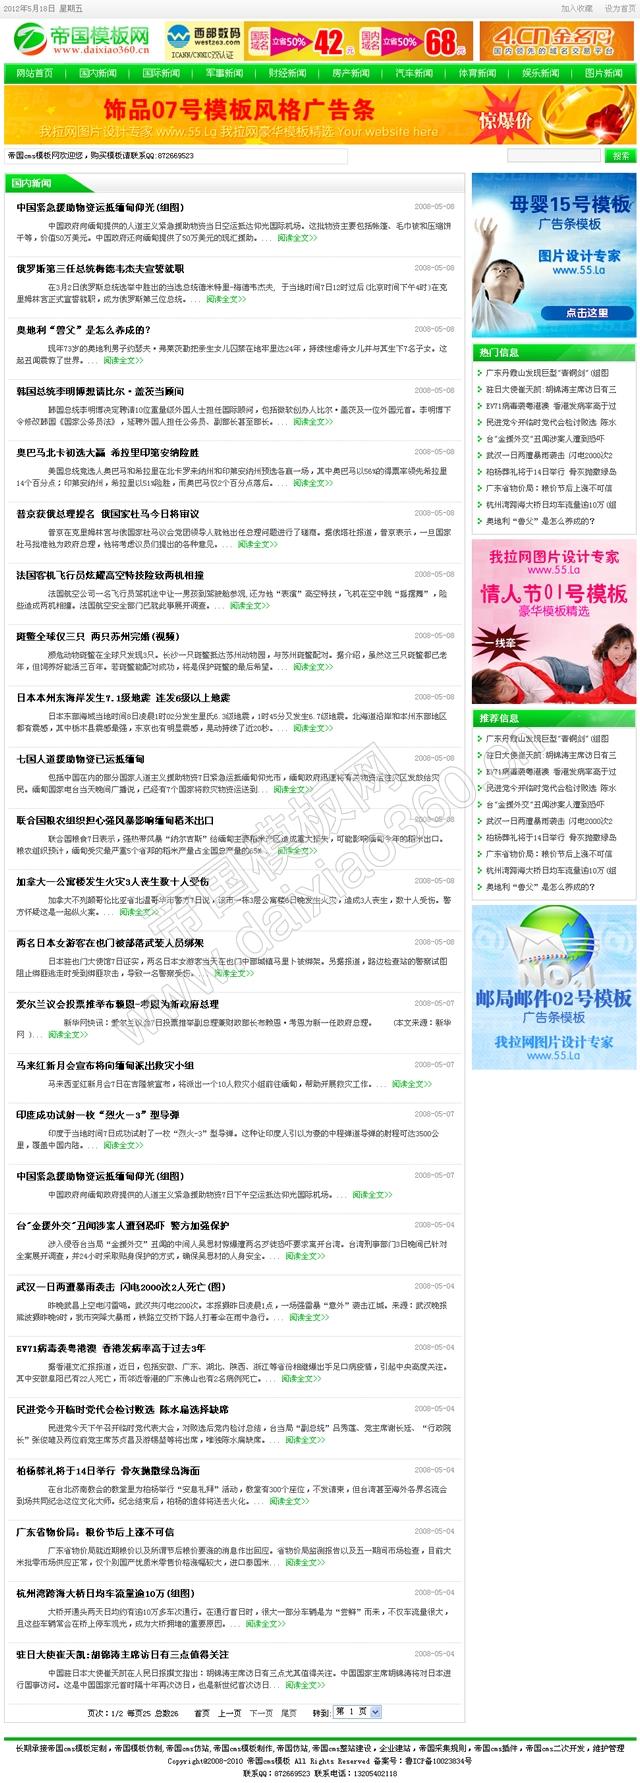 帝国cms绿色大气资讯新闻文章模板_文章列表